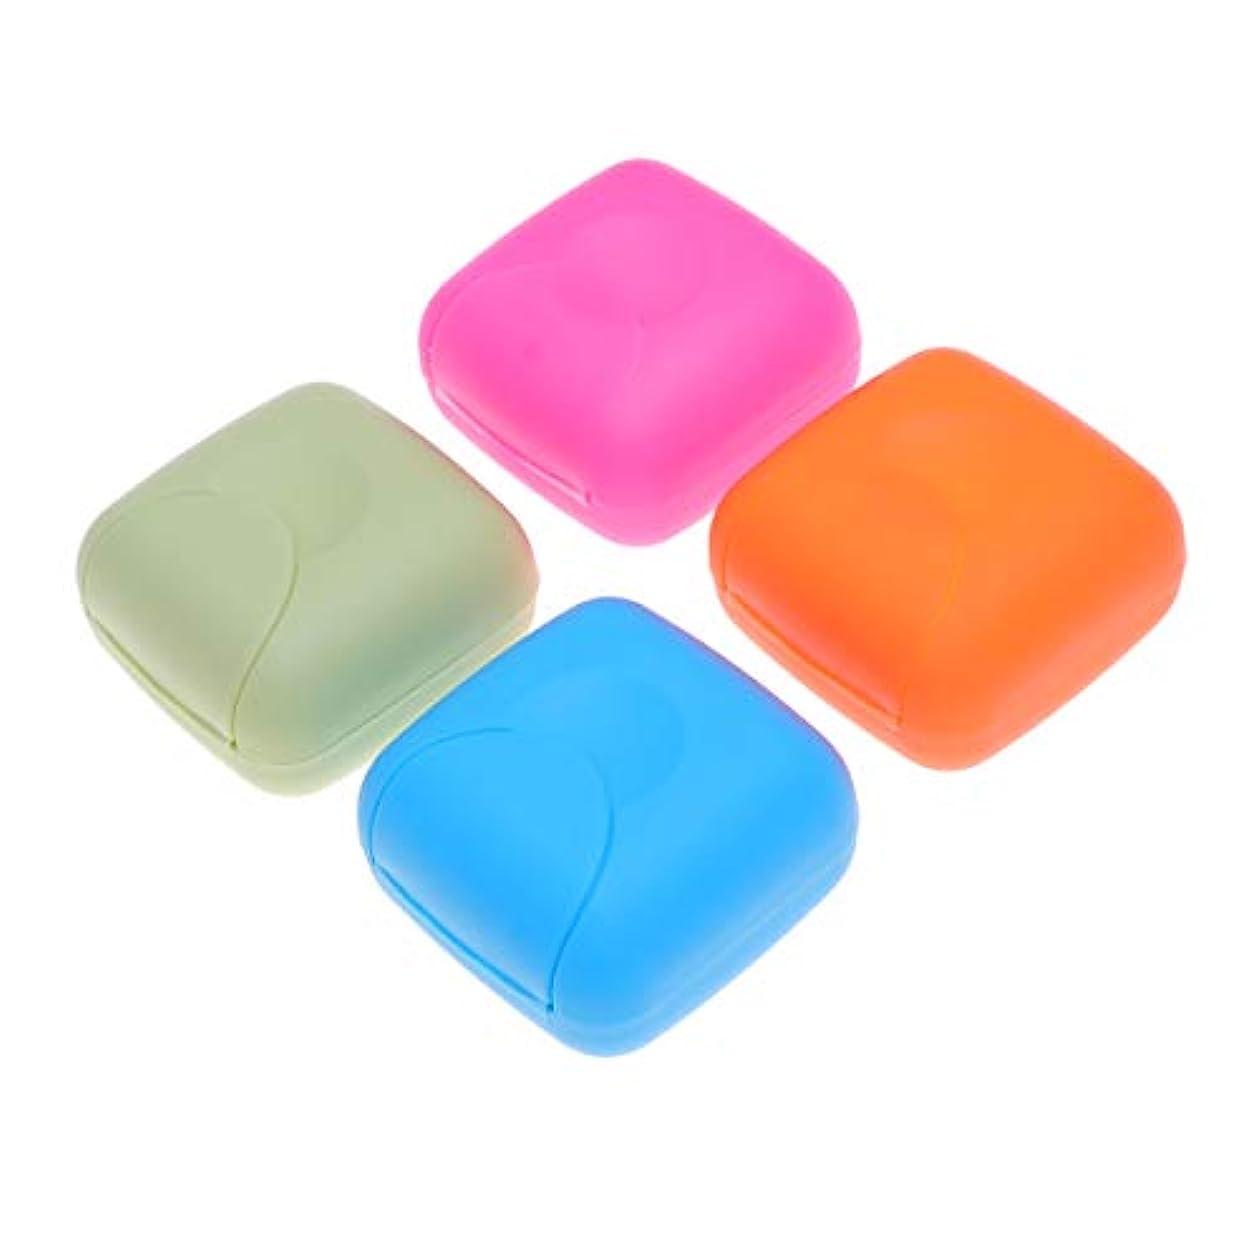 ドラゴン取り付けペグHealifty ソープボックスポータブルソープディッシュソープケース4本(ブルー、ロージー、オレンジ、ピンク)